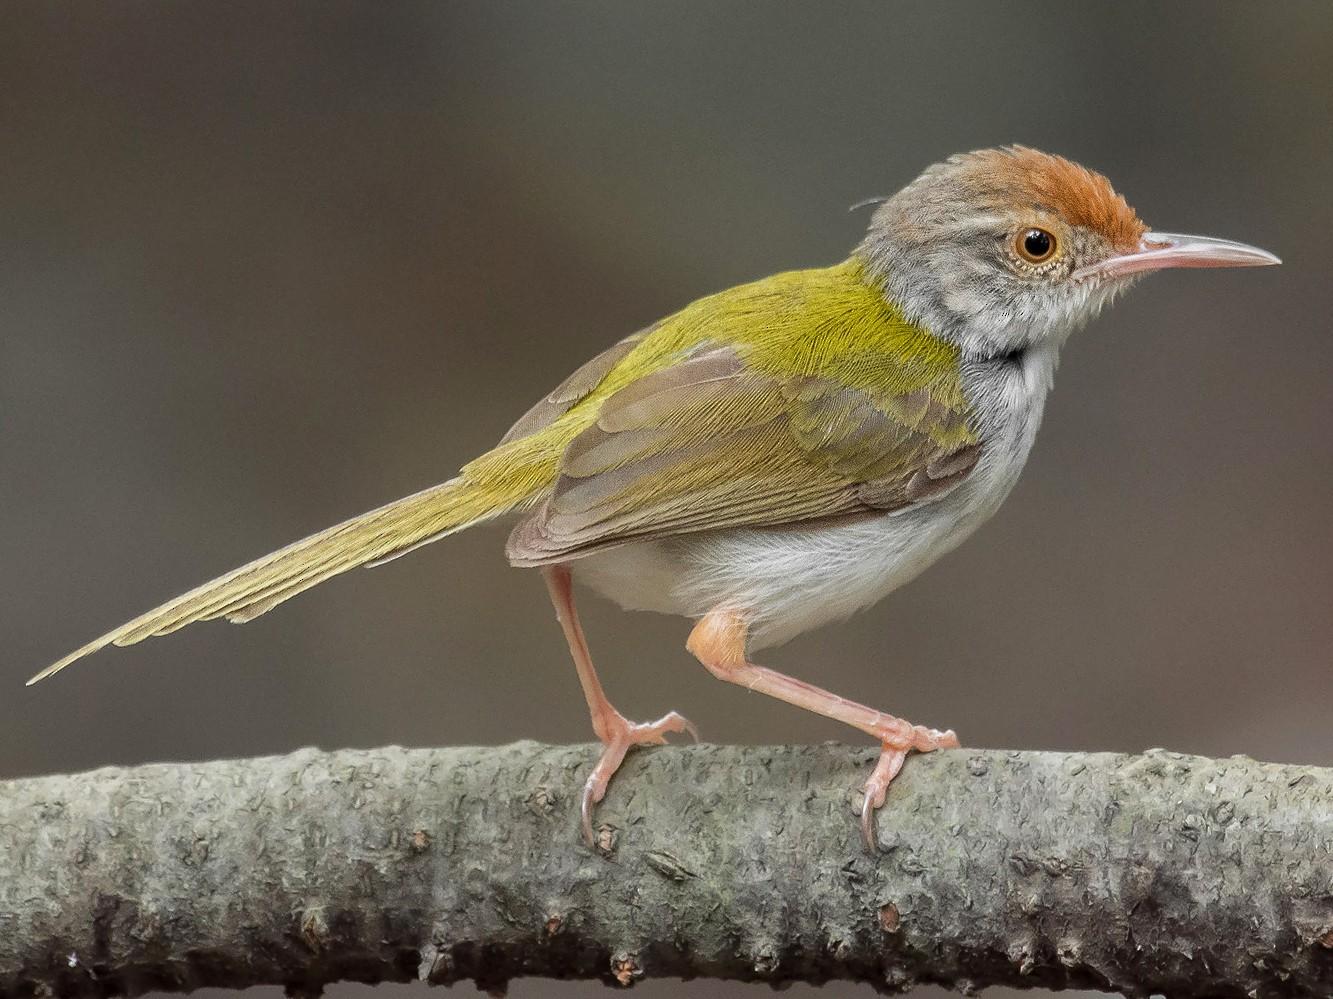 Common Tailorbird - Natthaphat Chotjuckdikul